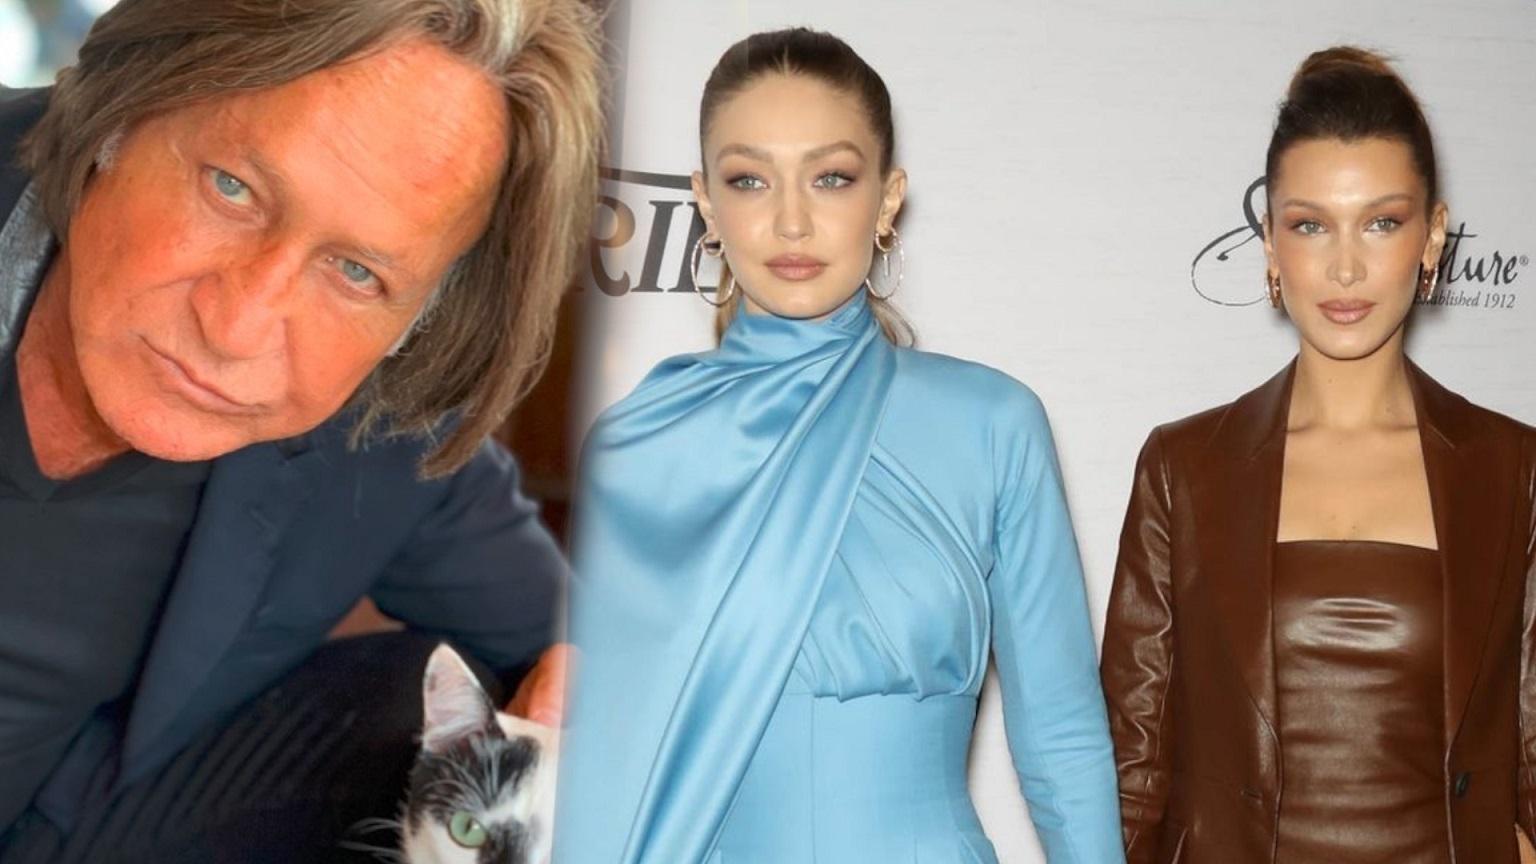 Ojciec Gigi i Belli Hadid ma problemy z prawem. Musi zburzyć dom